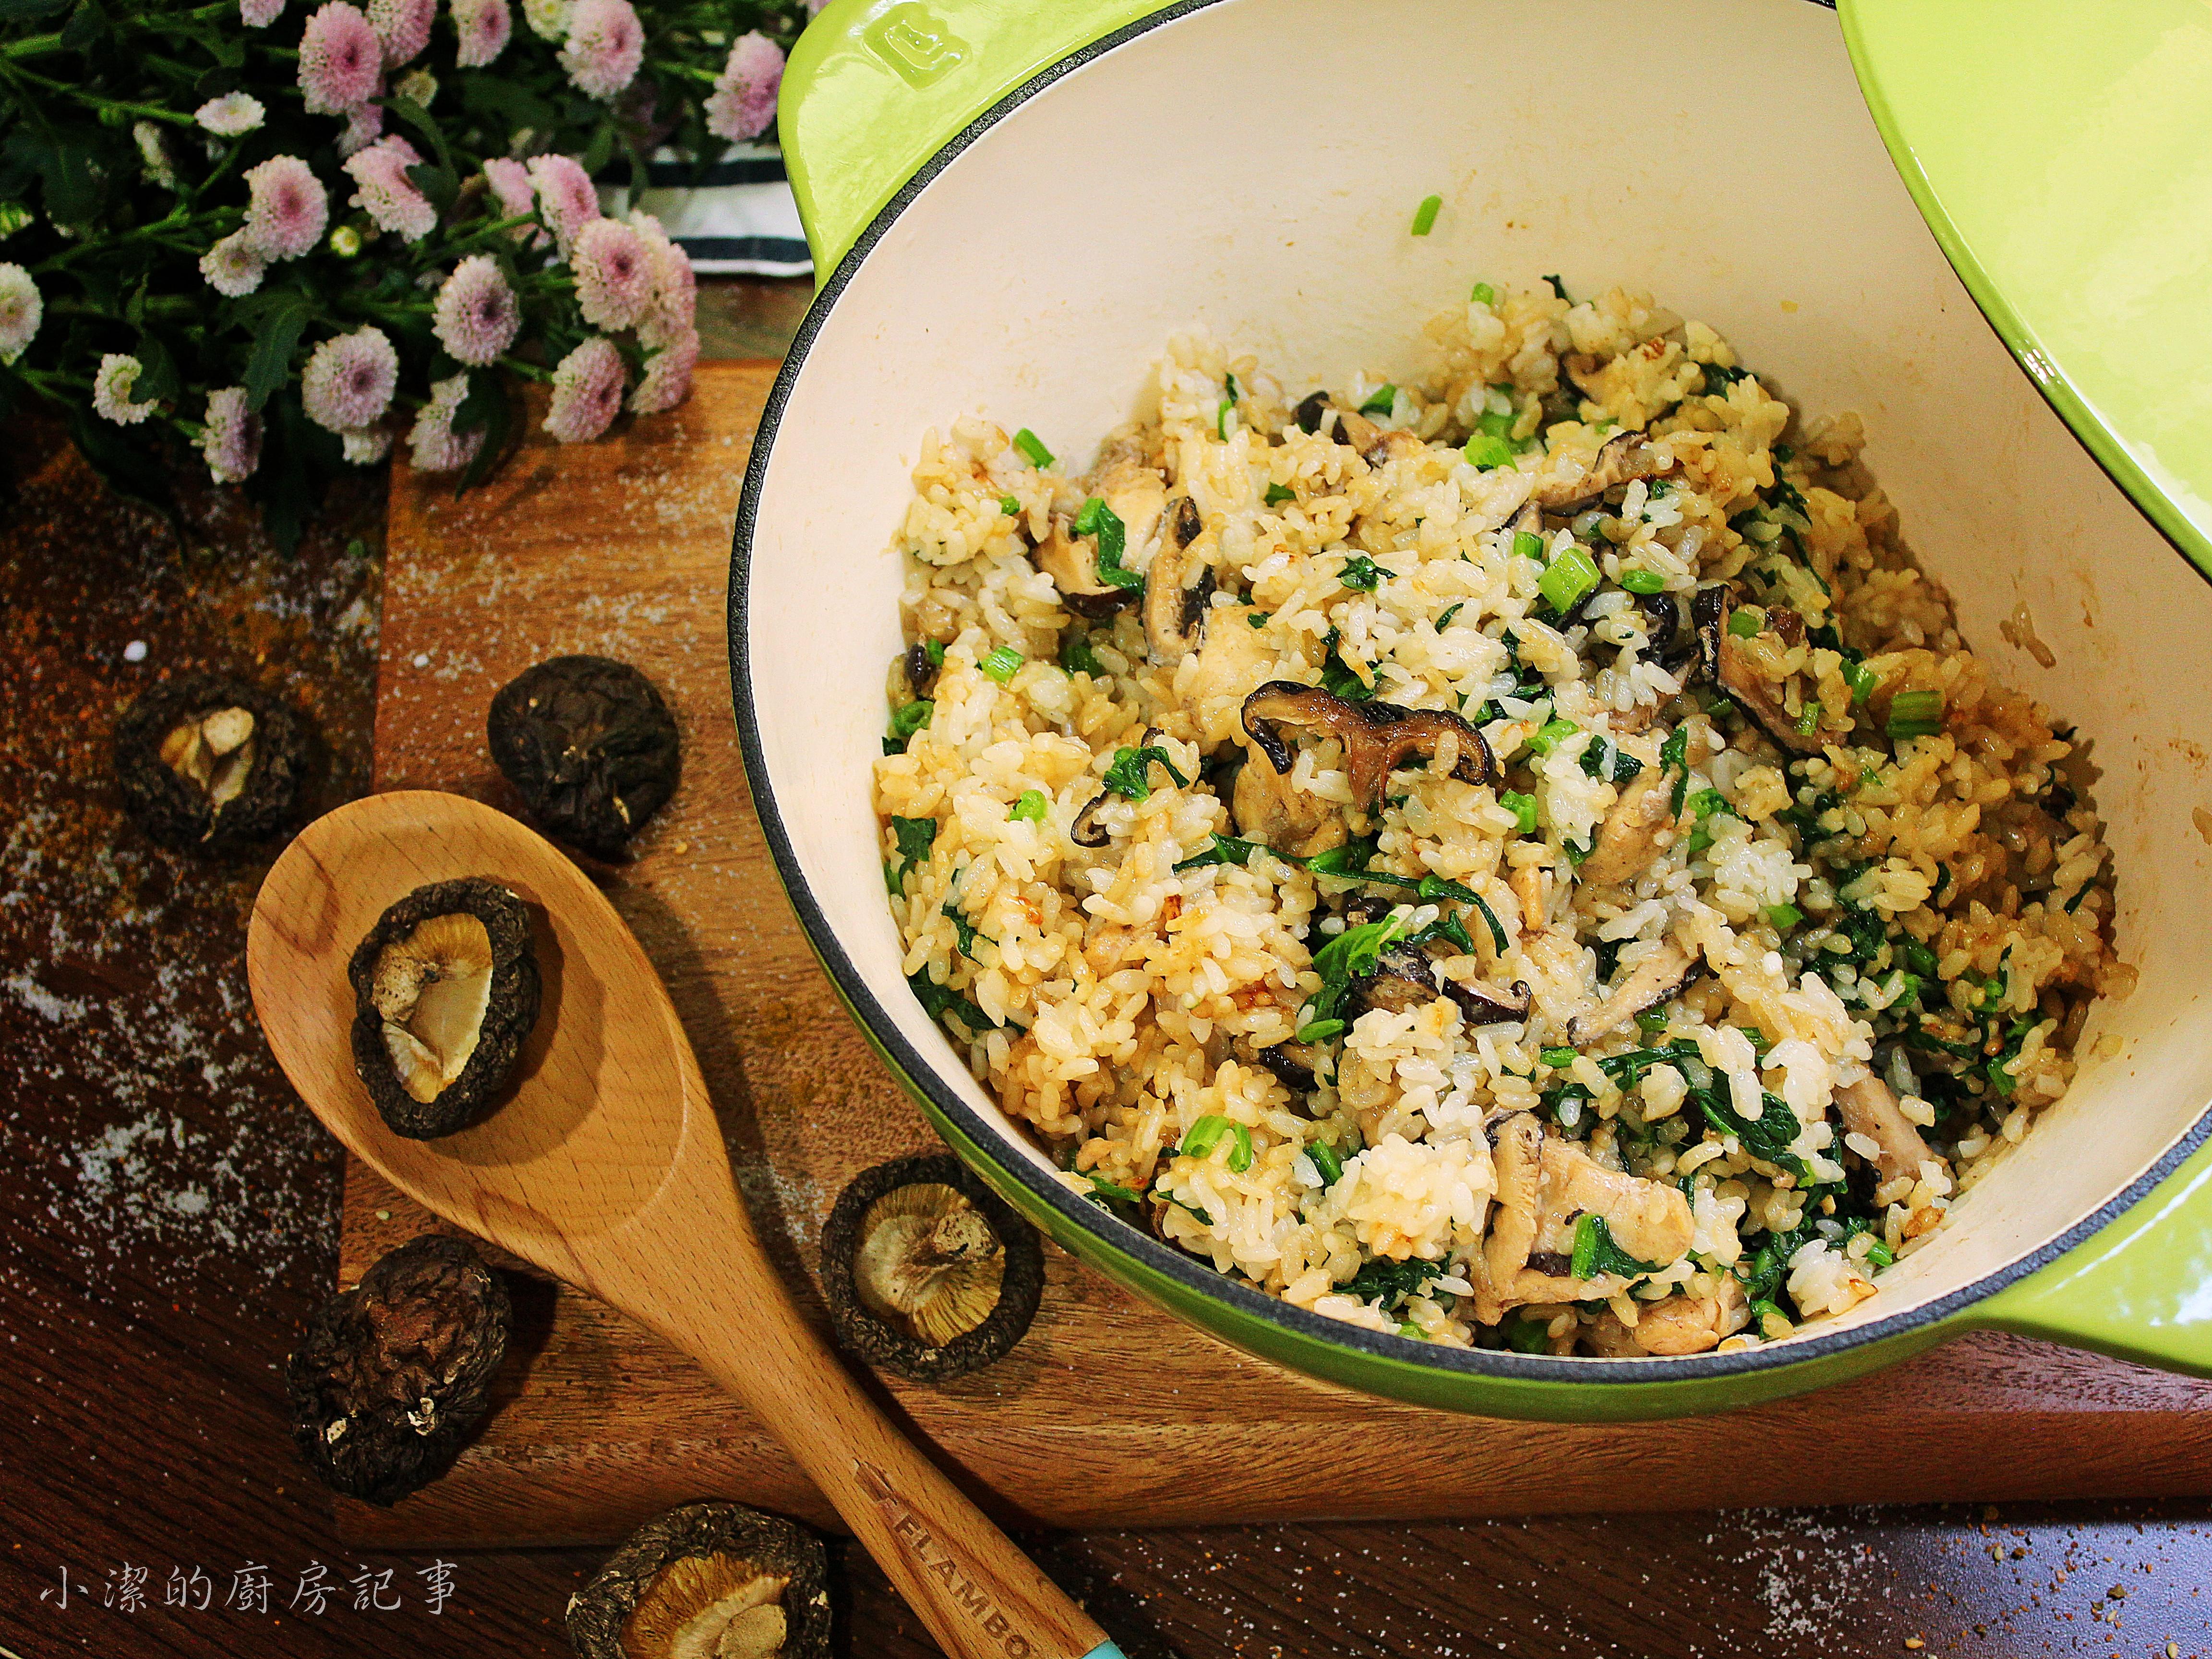 雞肉香菇炊飯